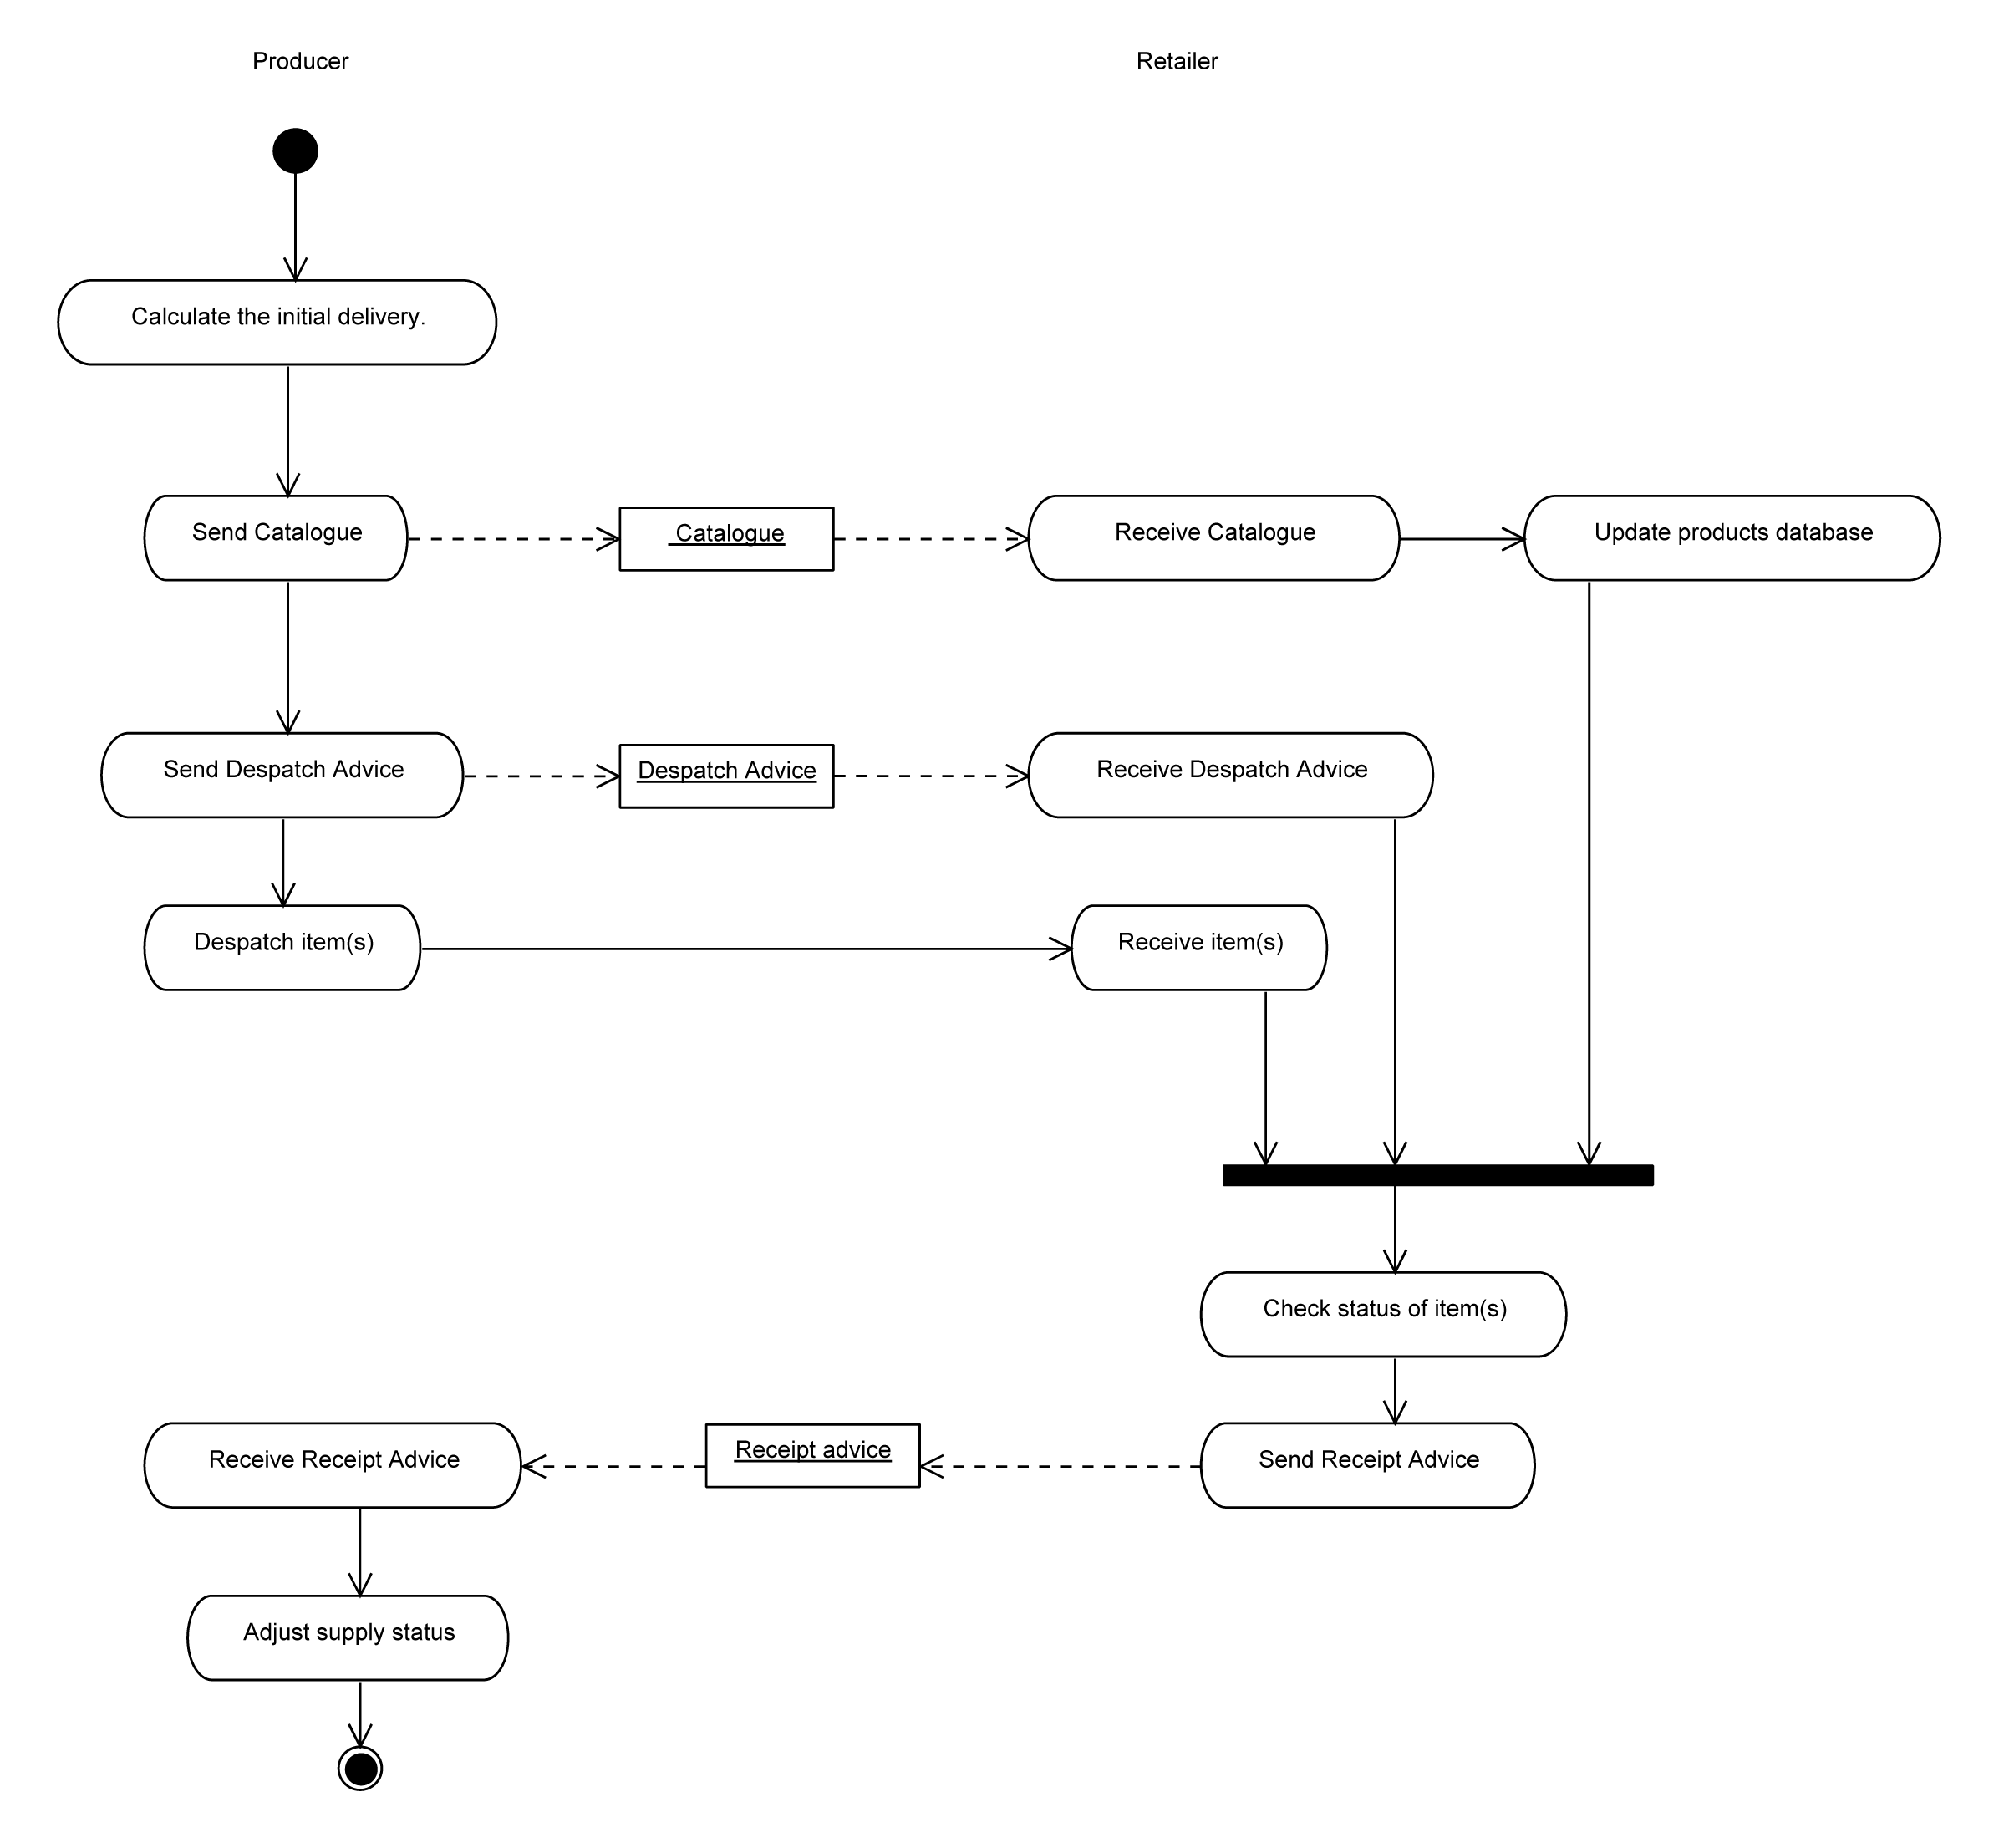 Index of /ubl/prd2-UBL-2.1/art/